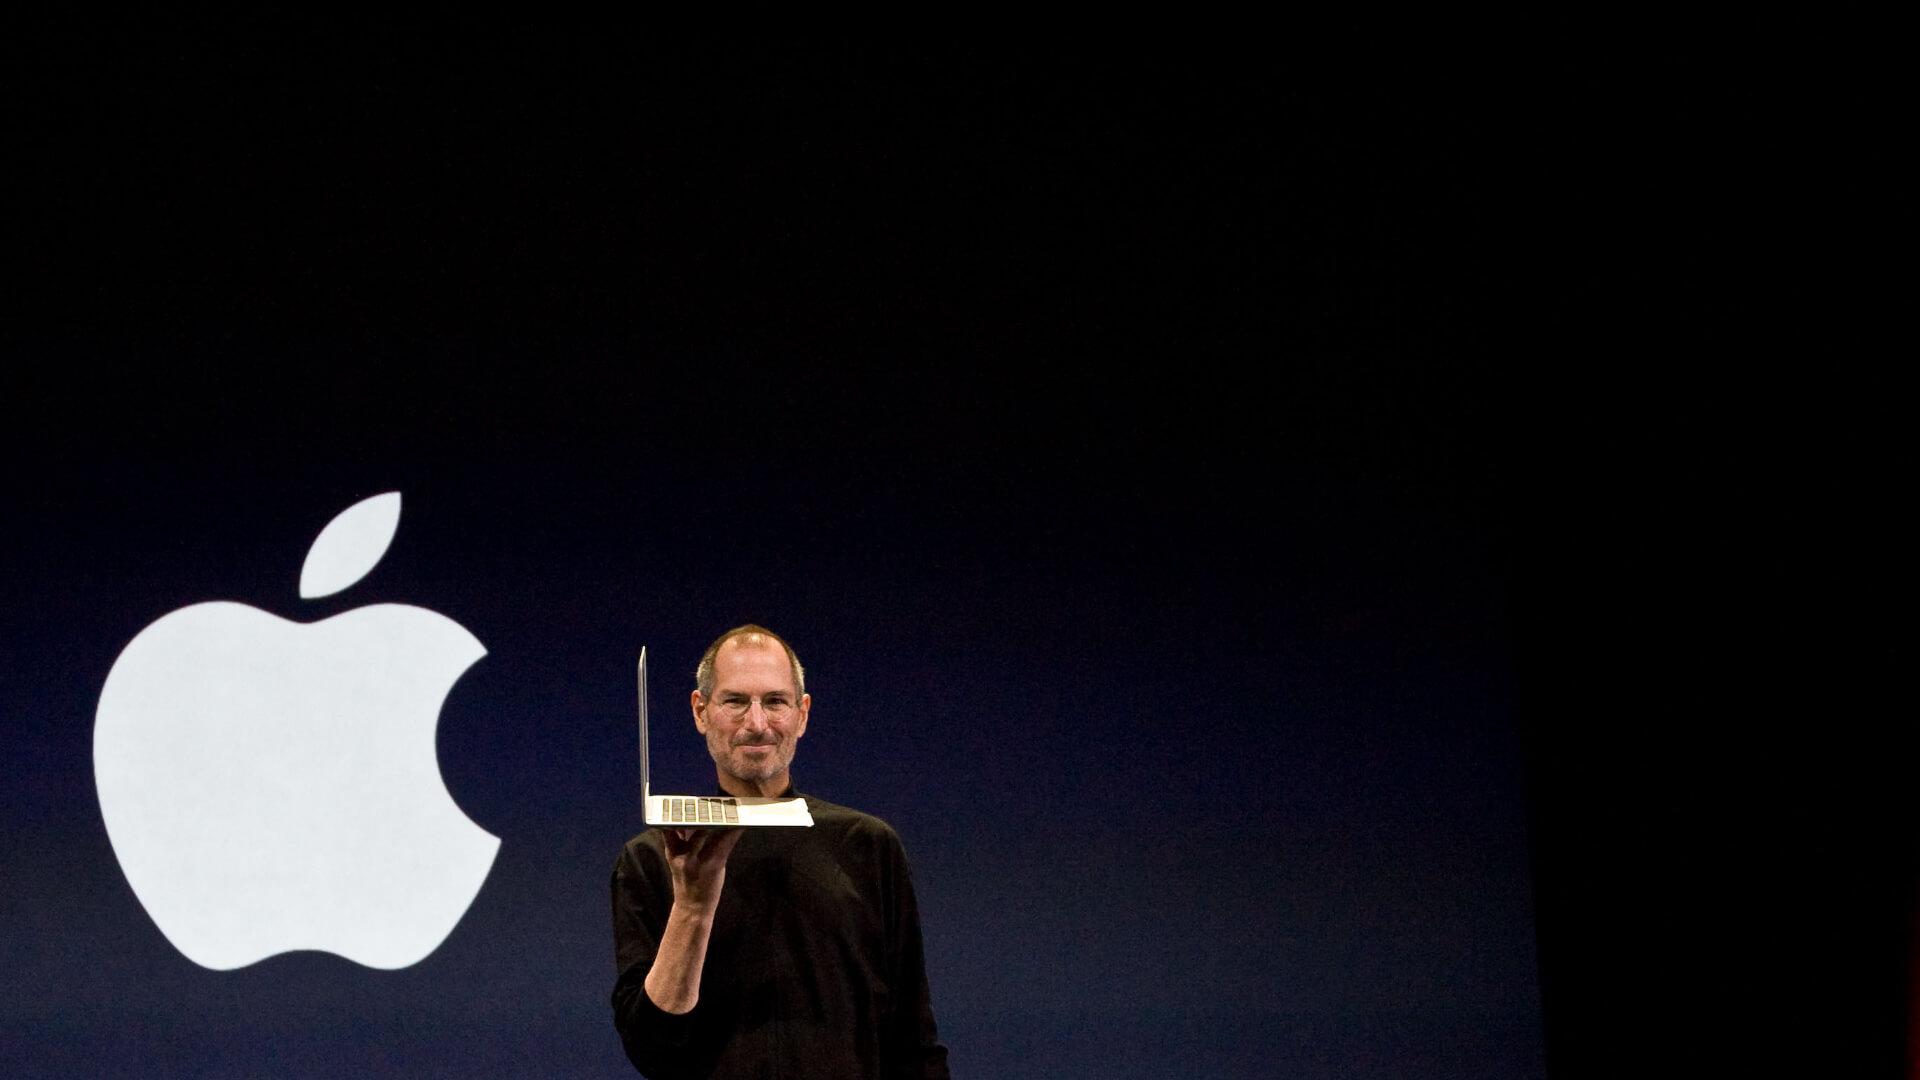 Nein, Steve Jobs' letzte Worte waren keine Lebensweisheiten über Glück und Freundschaft